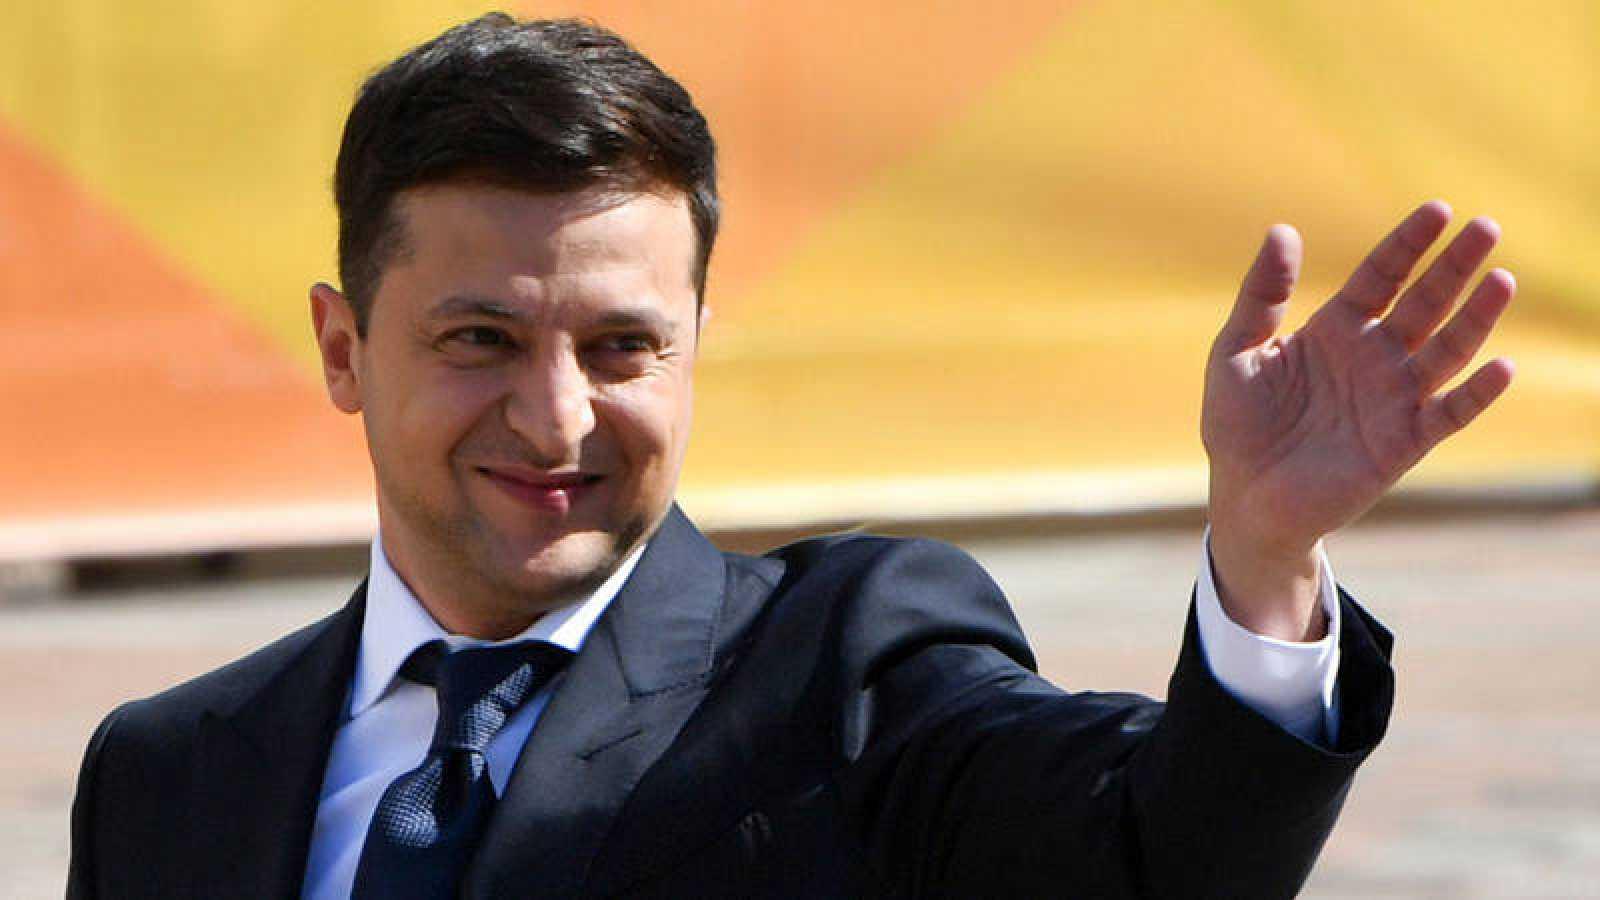 El presidente de Ucrania Volodymyr Zelensky ha anunciado la celebración de elecciones parlamentarias anticipadas